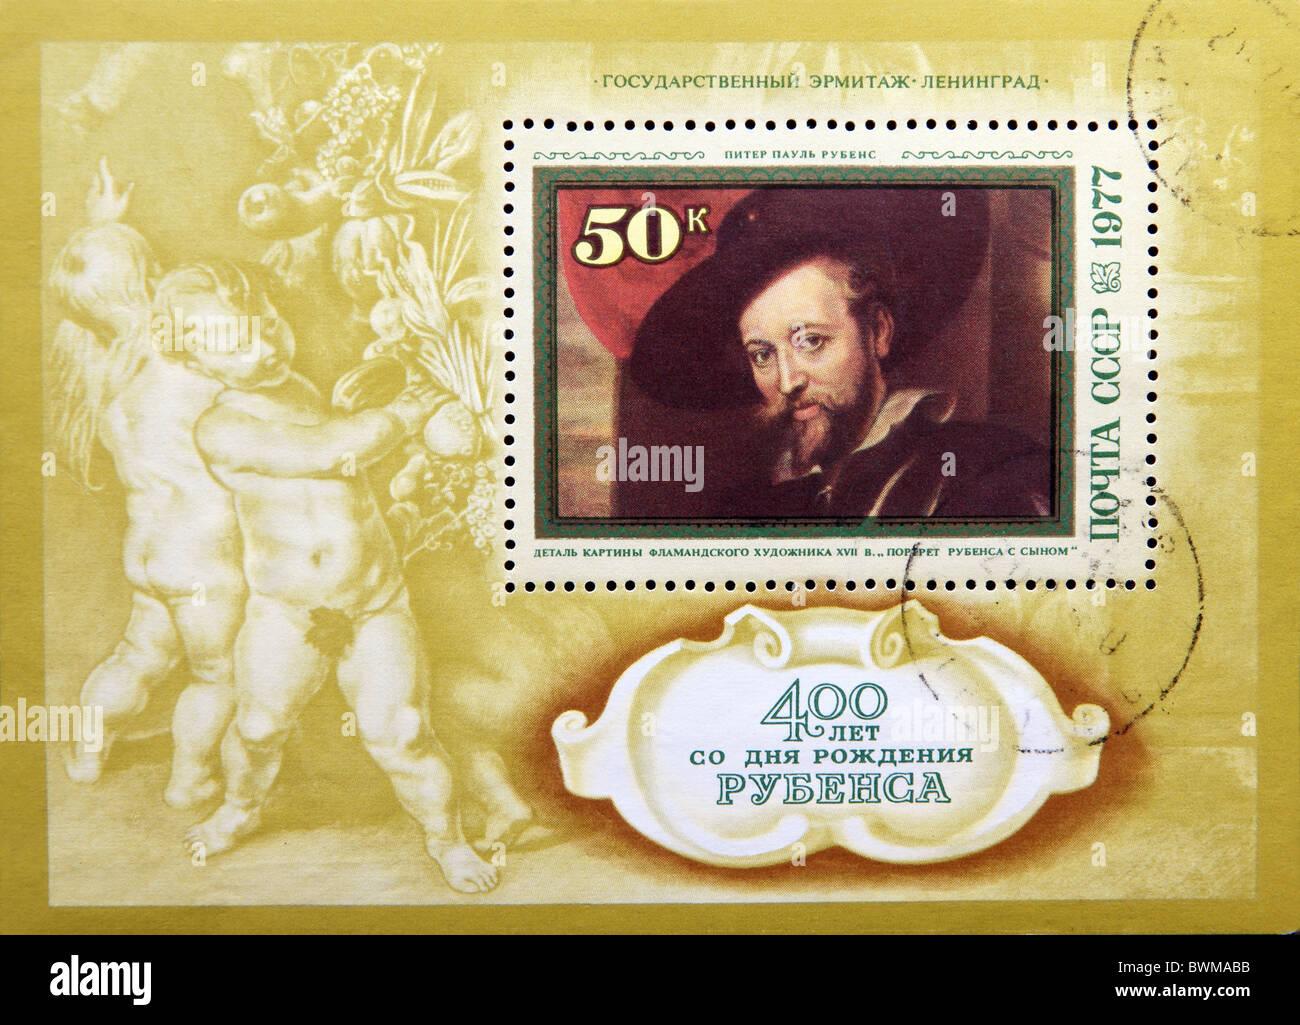 Urss - circa 1977: timbre-poste annoncé à l'occasion du 400e anniversaire de Pierre Paul Rubens Photo Stock